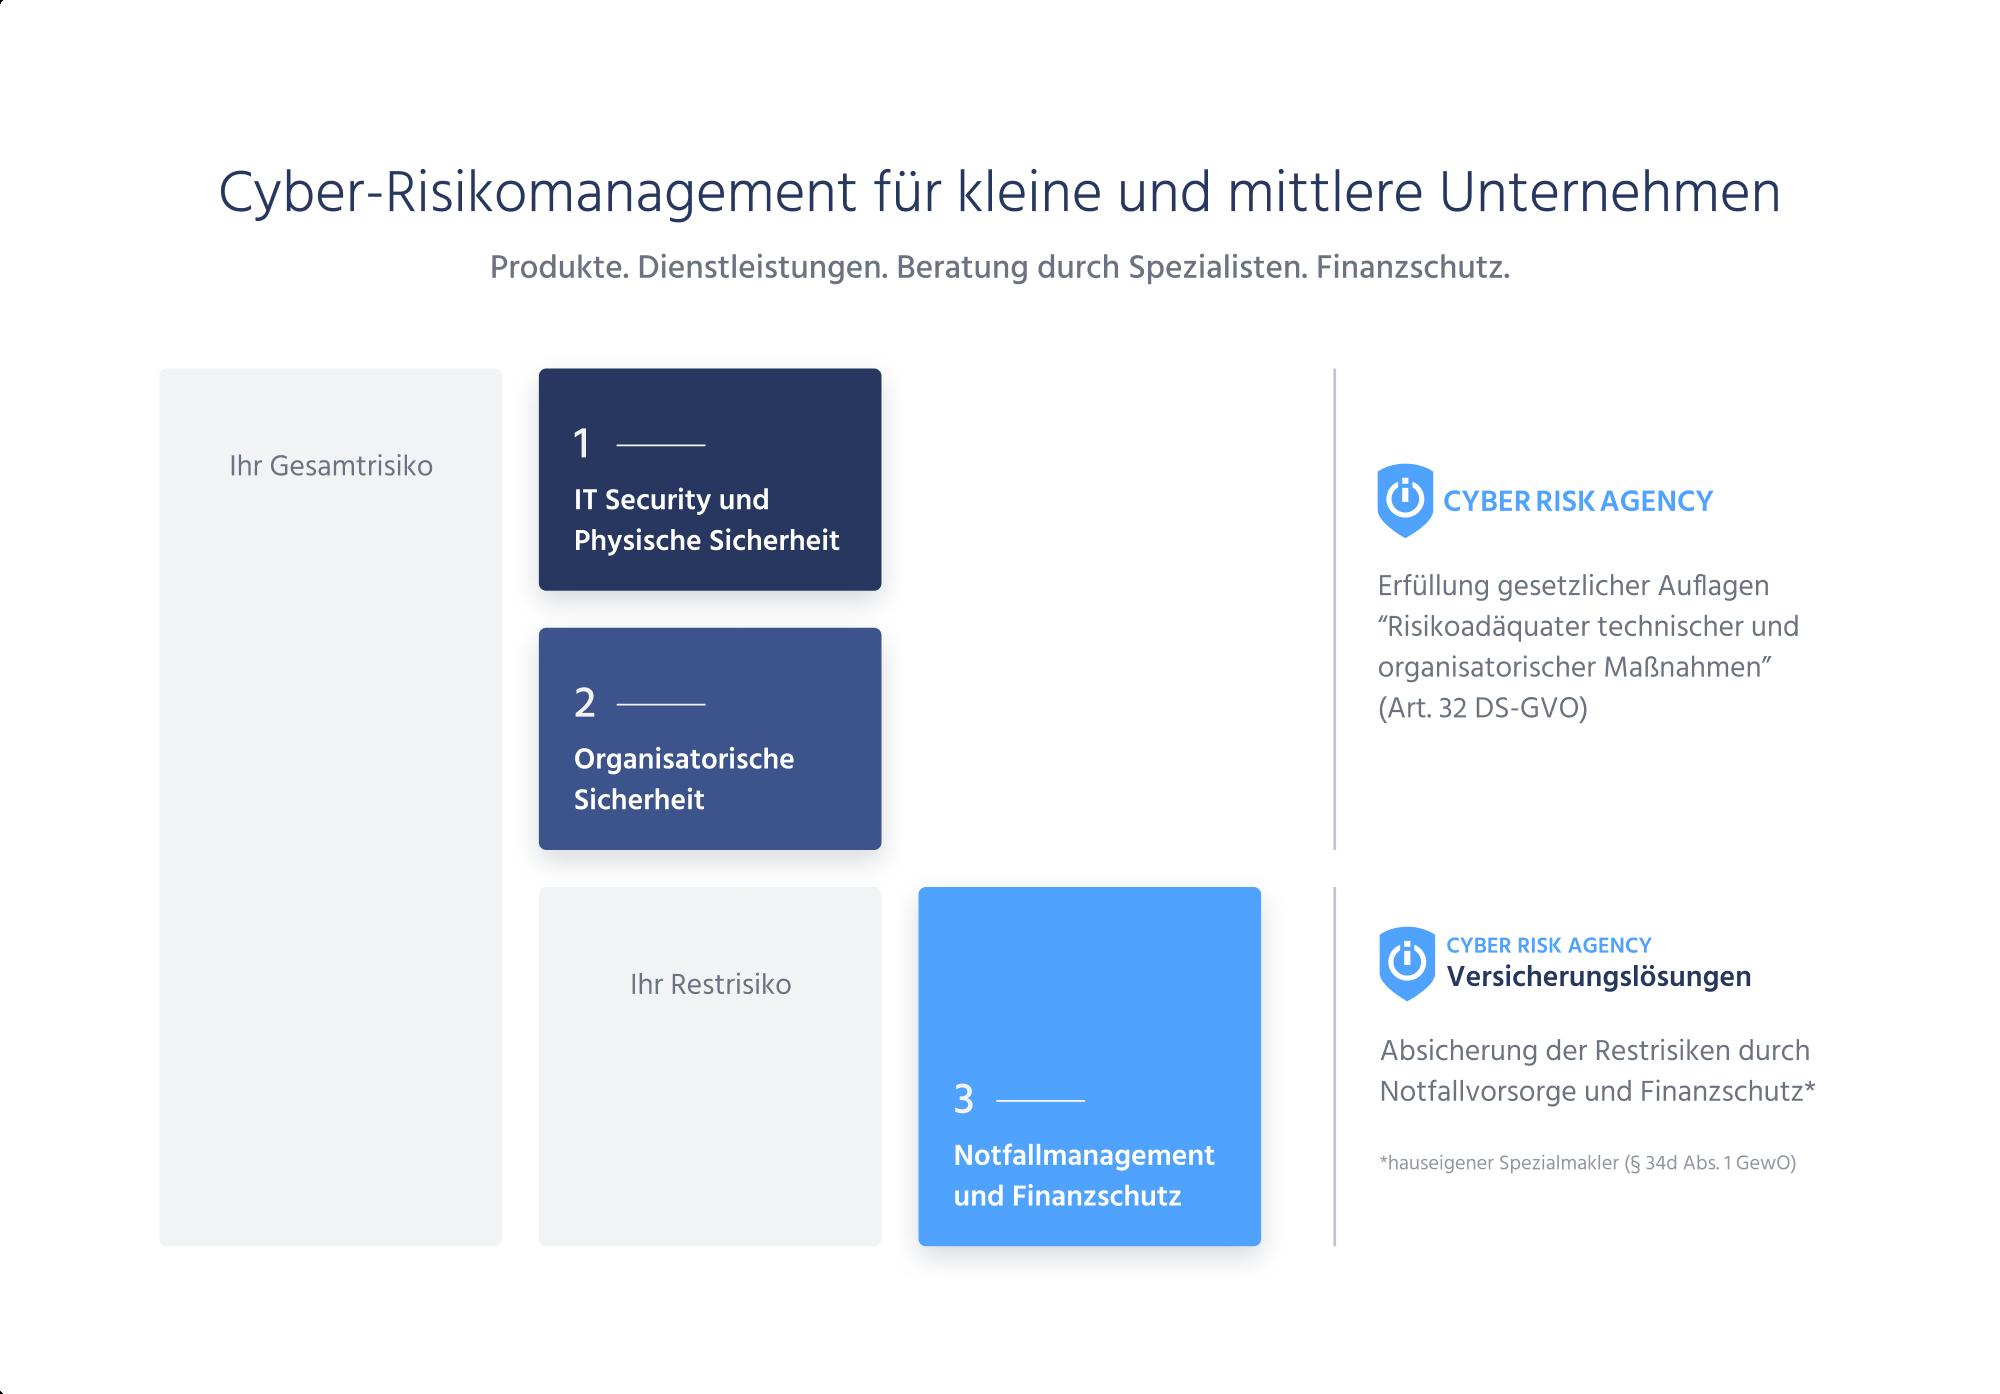 CyberRiskRadar: Onlinebasiertes Tool zur Identifikation des Cyberrisikos von Unternehmen und des Reifegrades der IT-Sicherheit zum Schutz vor Hacker-Angriffen.